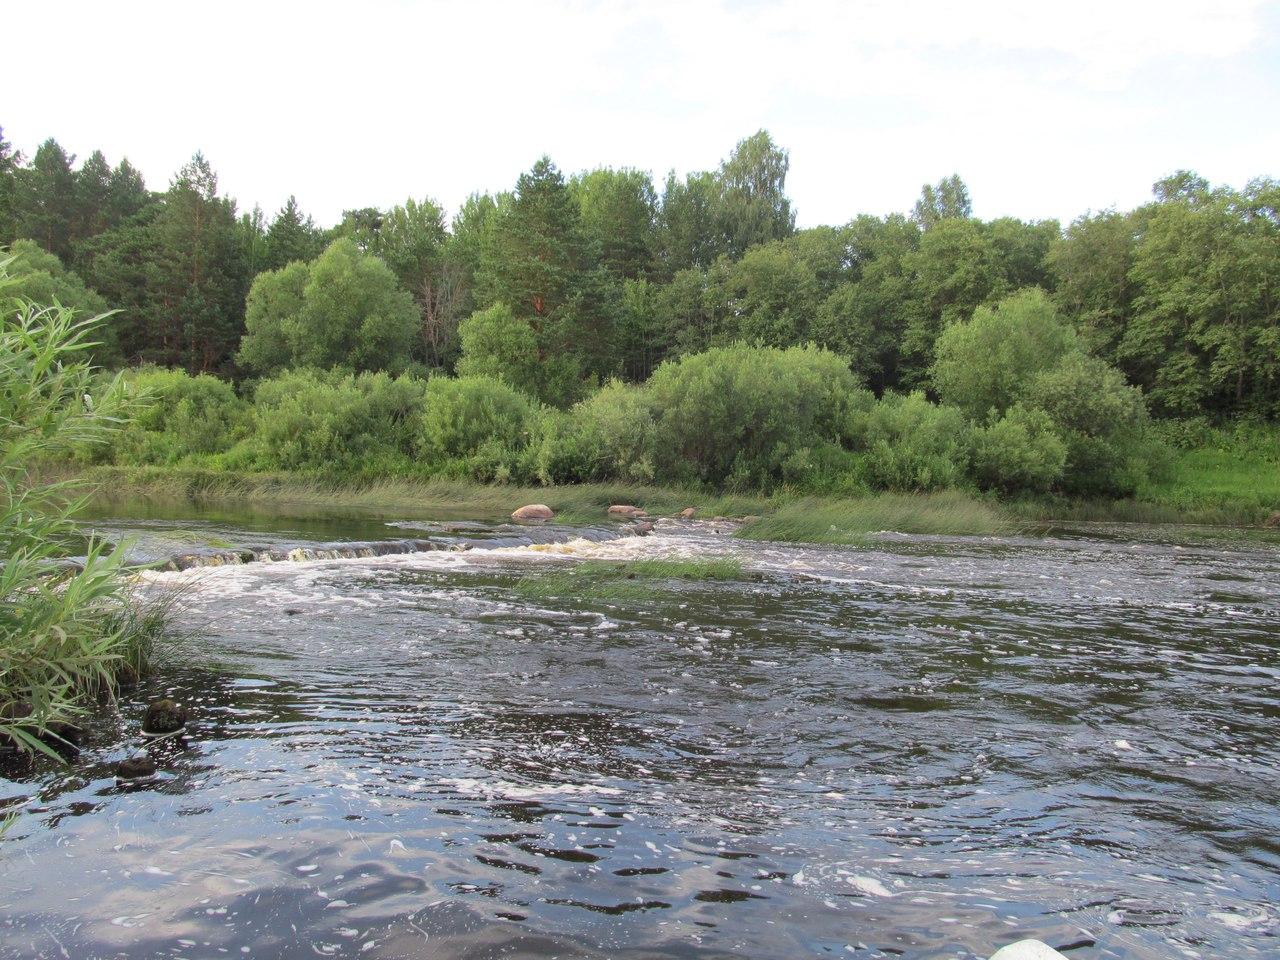 плотина в нижнем течении  реки